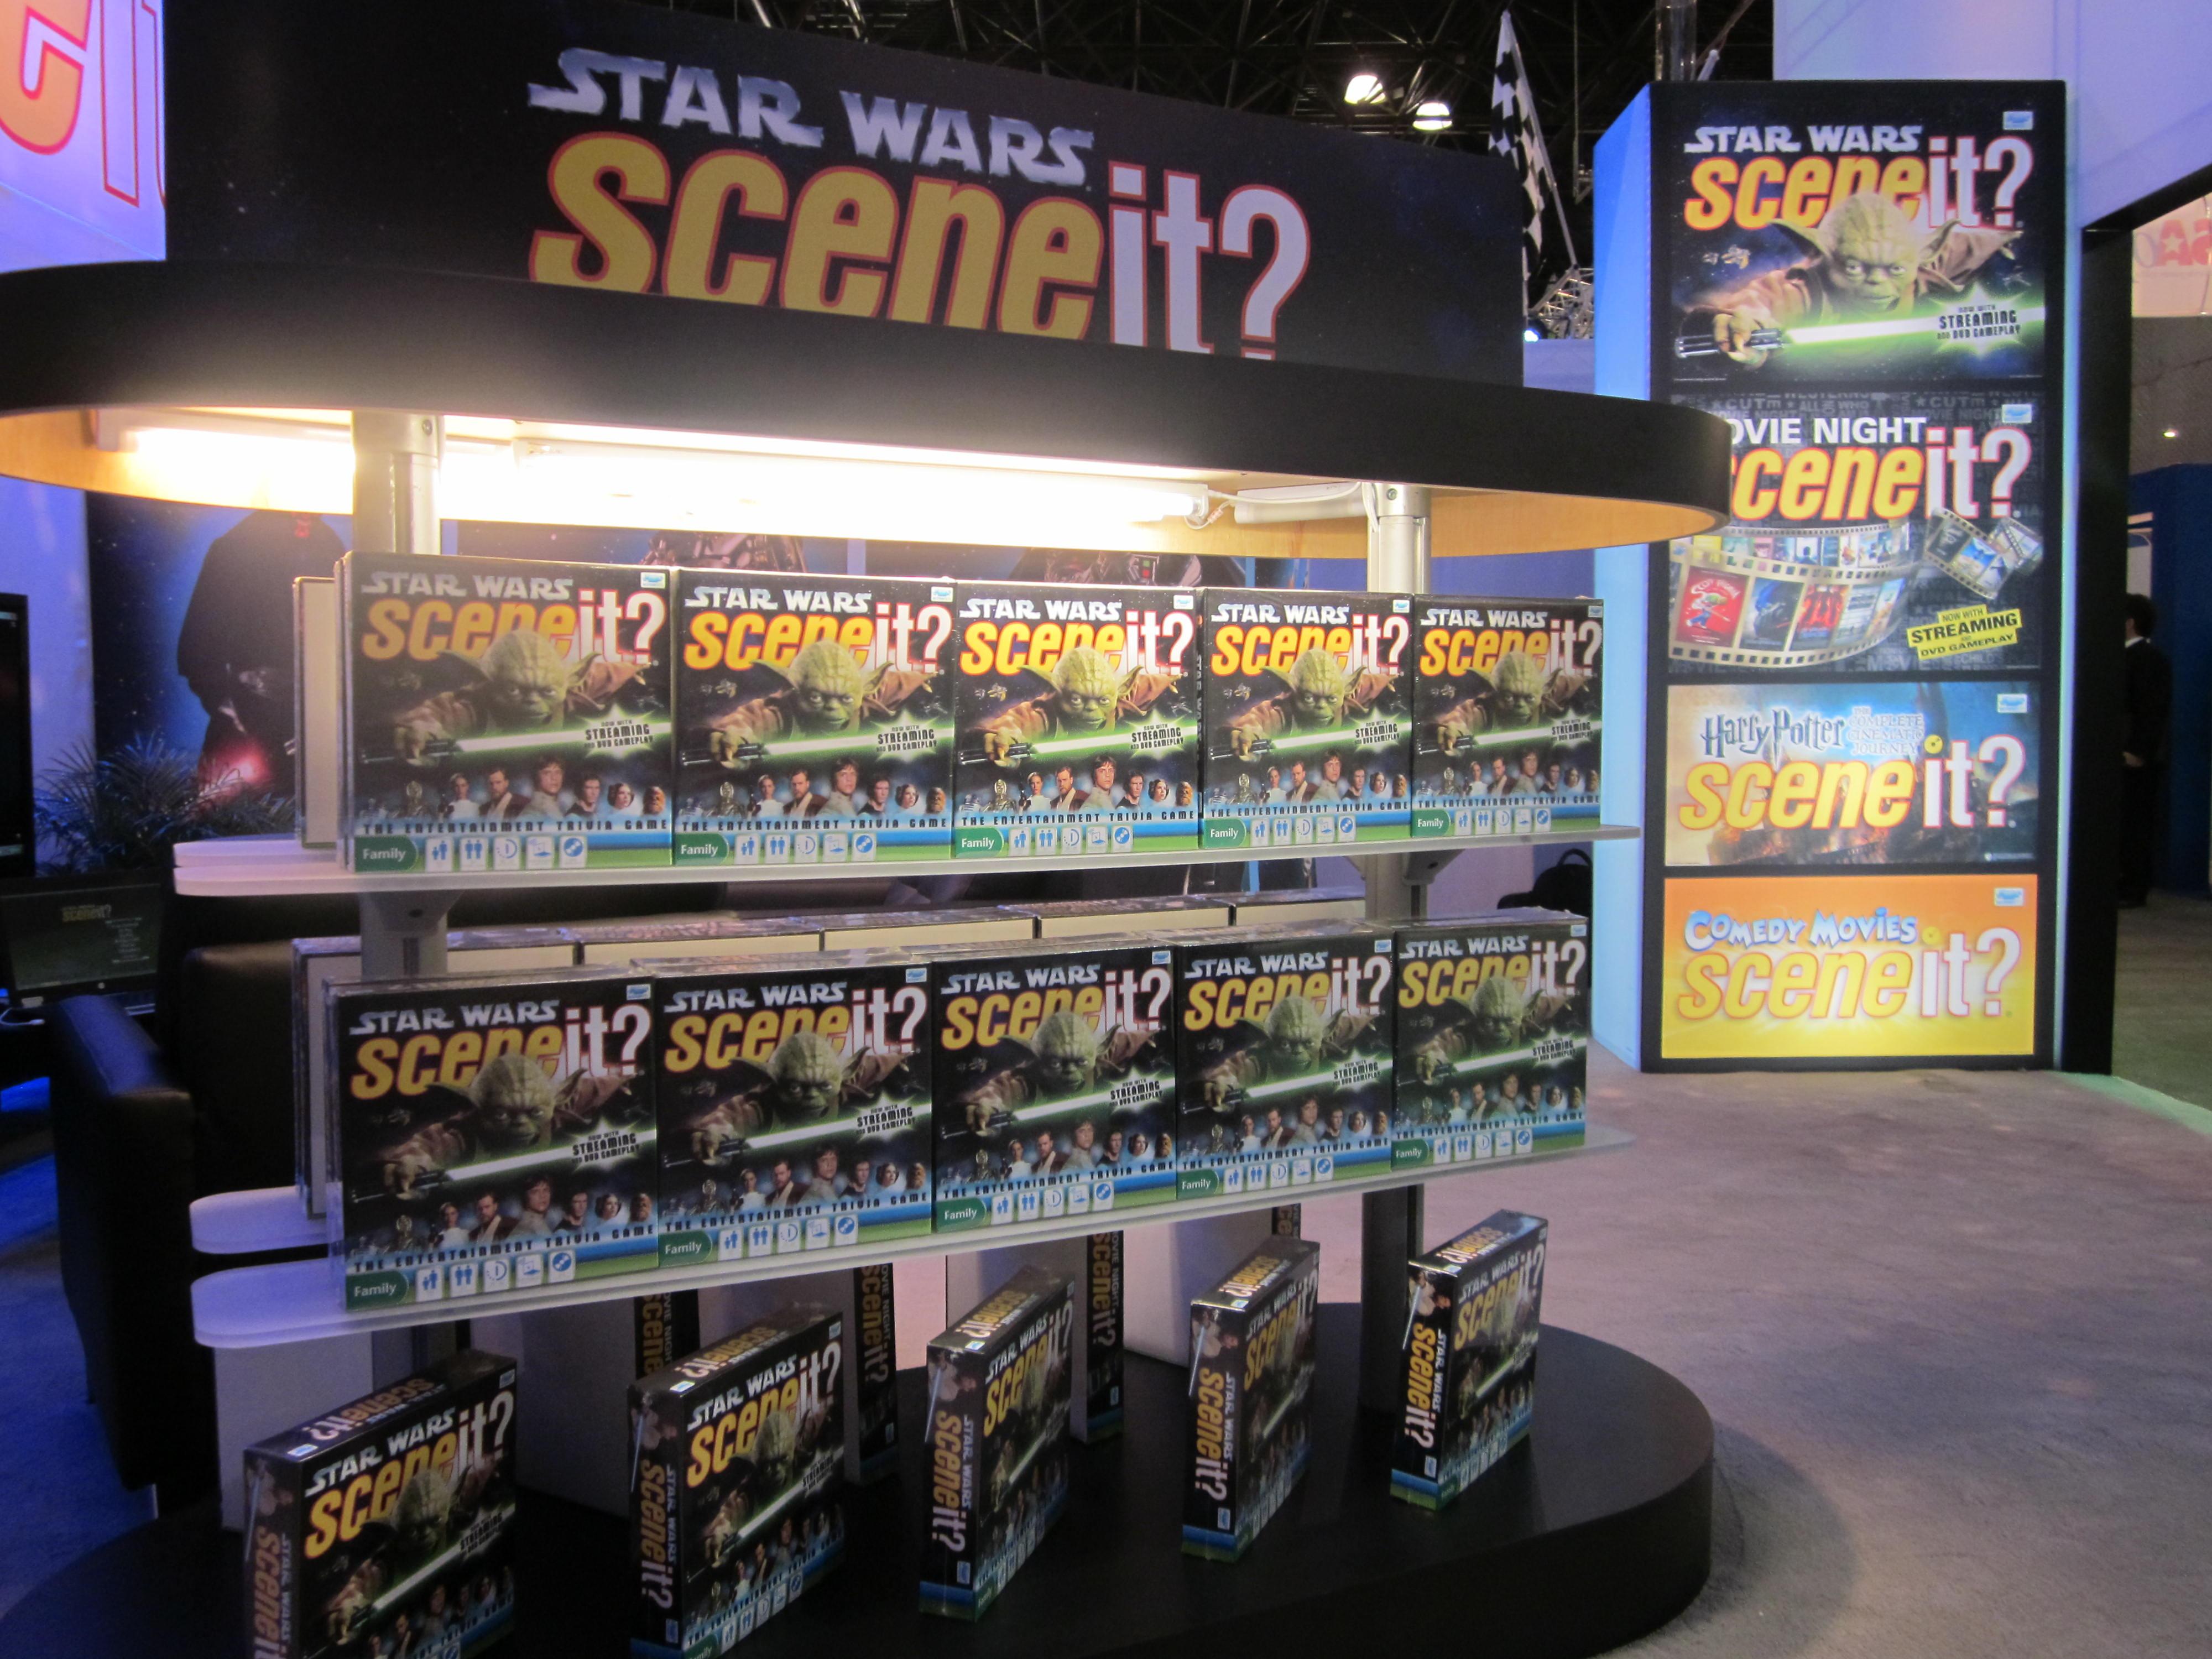 Star Wars Scene It?